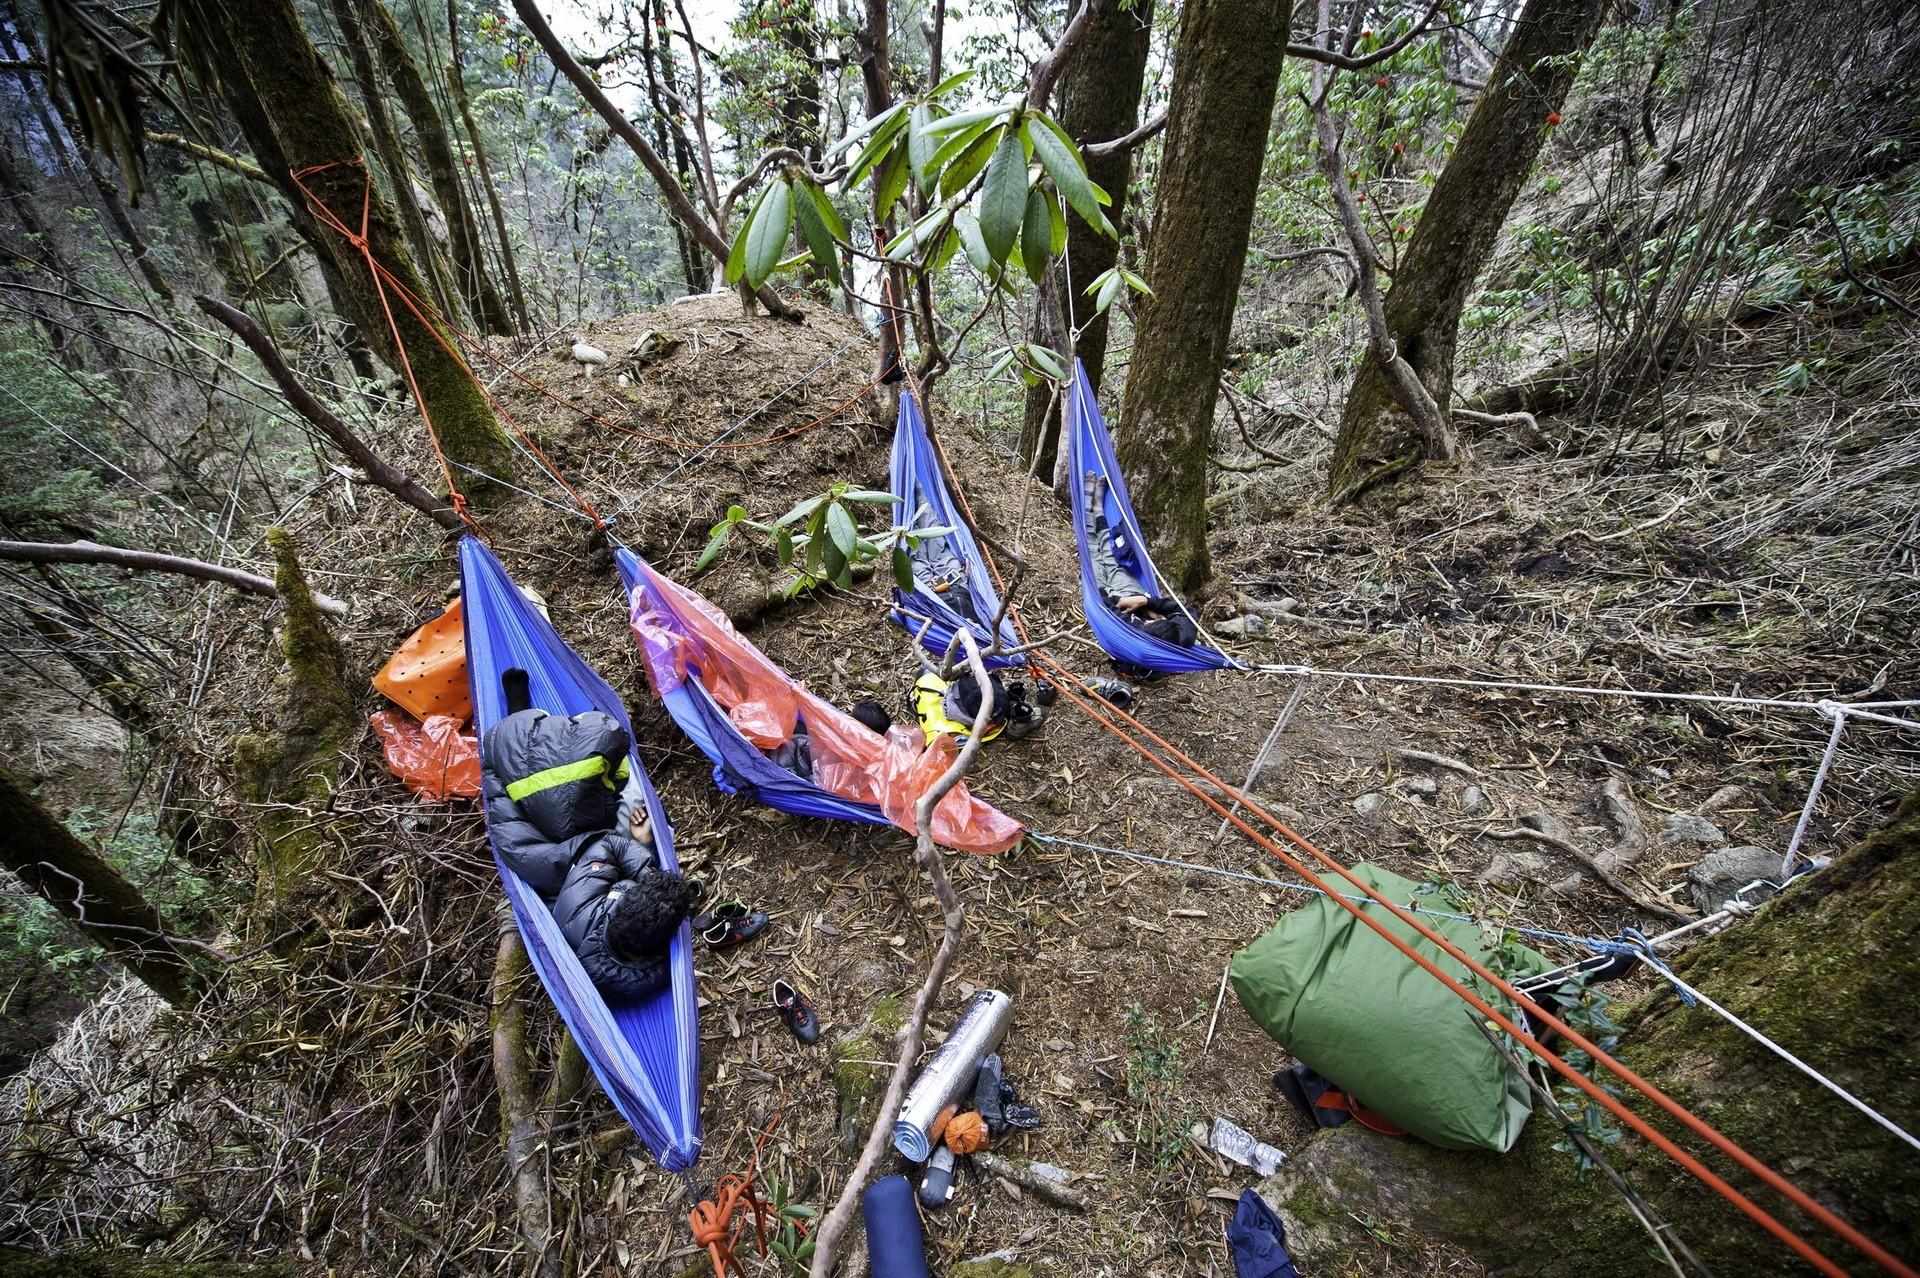 Лагерь гамаков в лесу с высоты птичьего полета.